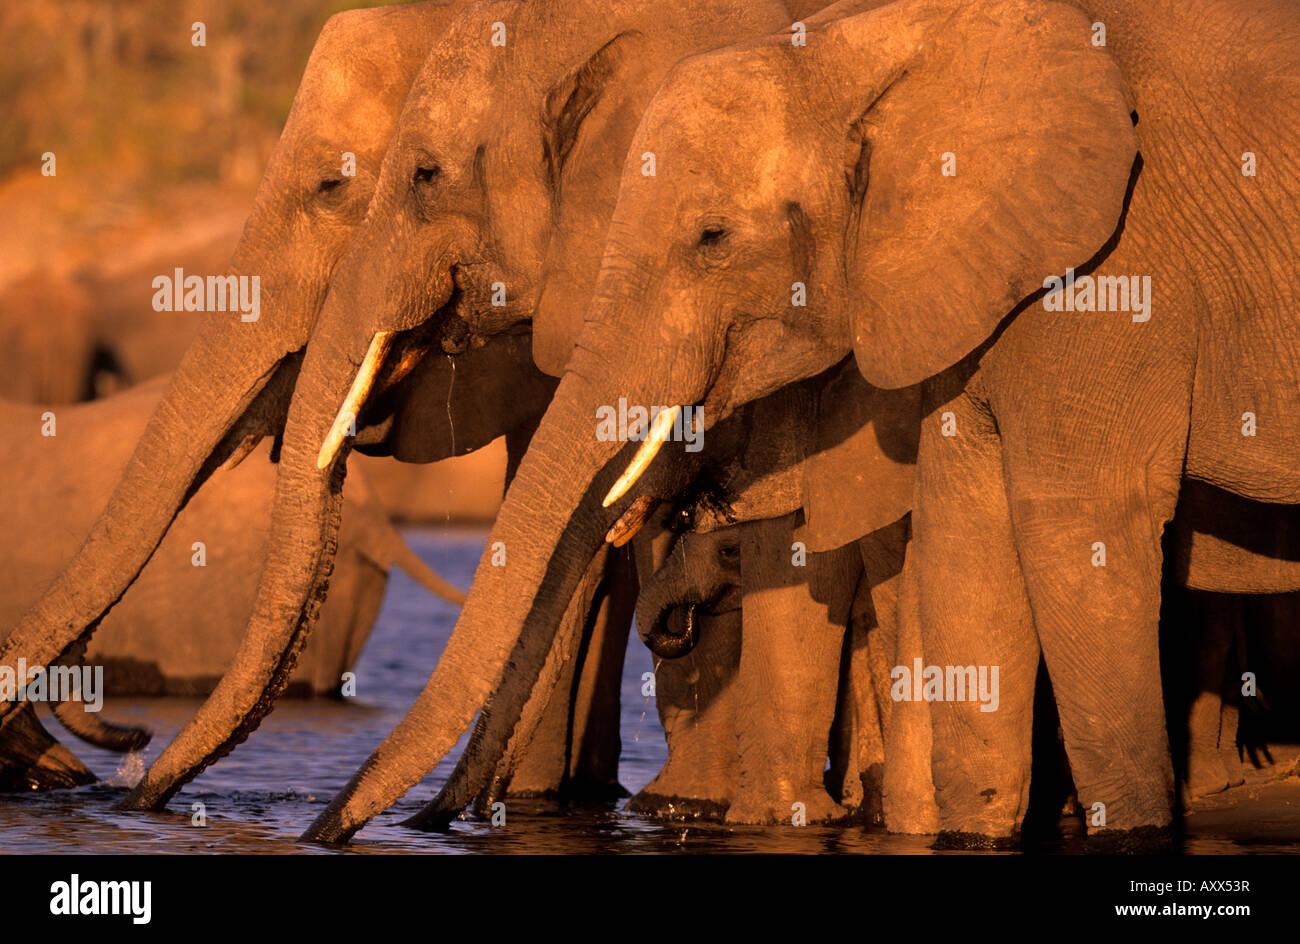 African Elephant, (Loxodonta africana), Chobe River, Chobe National Park, Botswana Stock Photo